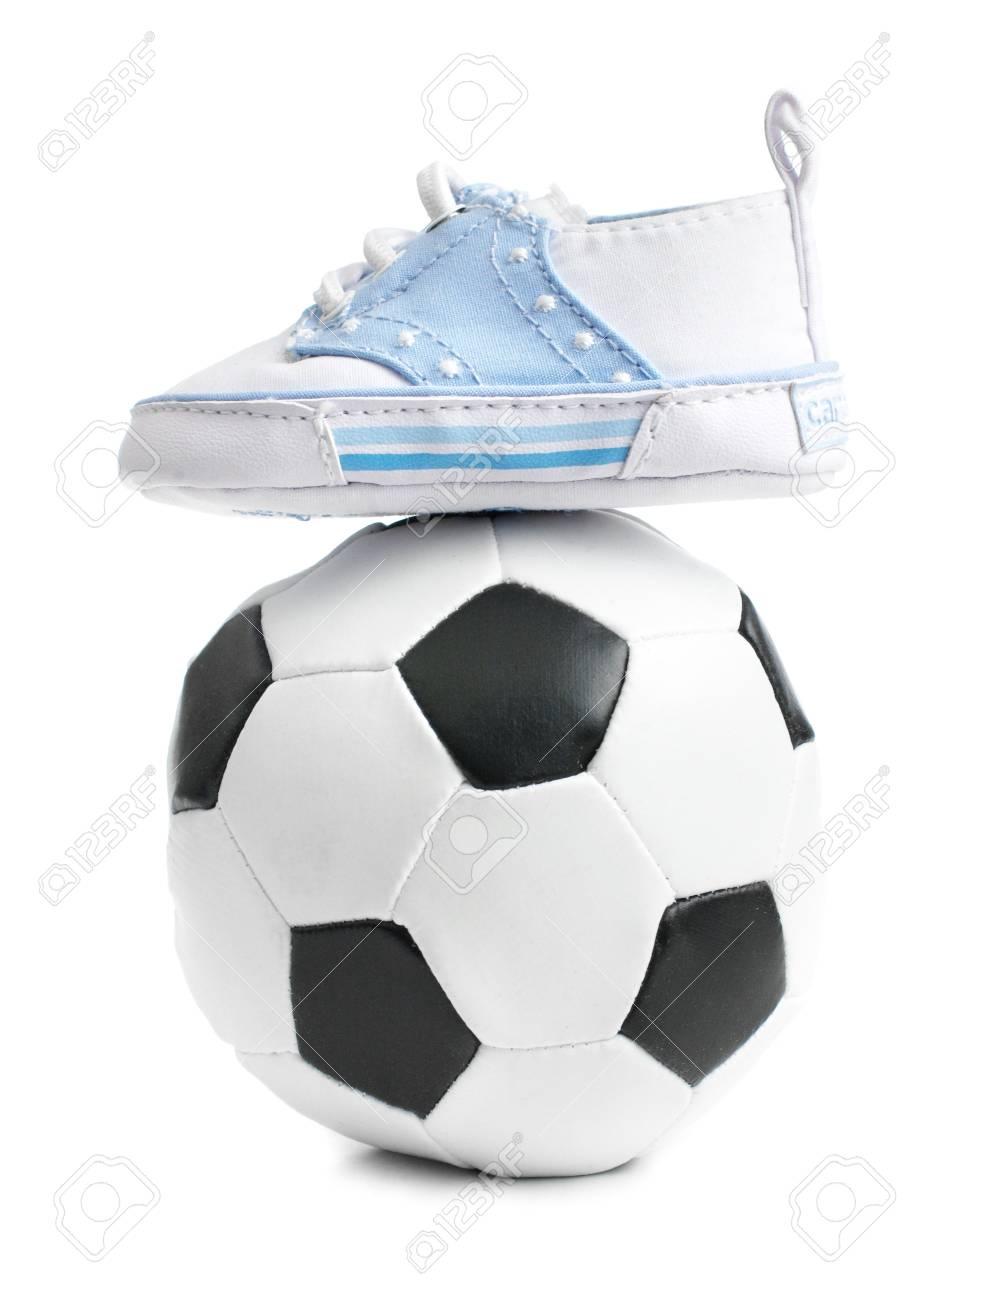 84dd452a92d48 Foto de archivo un fútbol pelota de fútbol con zapatos de bebé en blanco  jpg 1000x1300